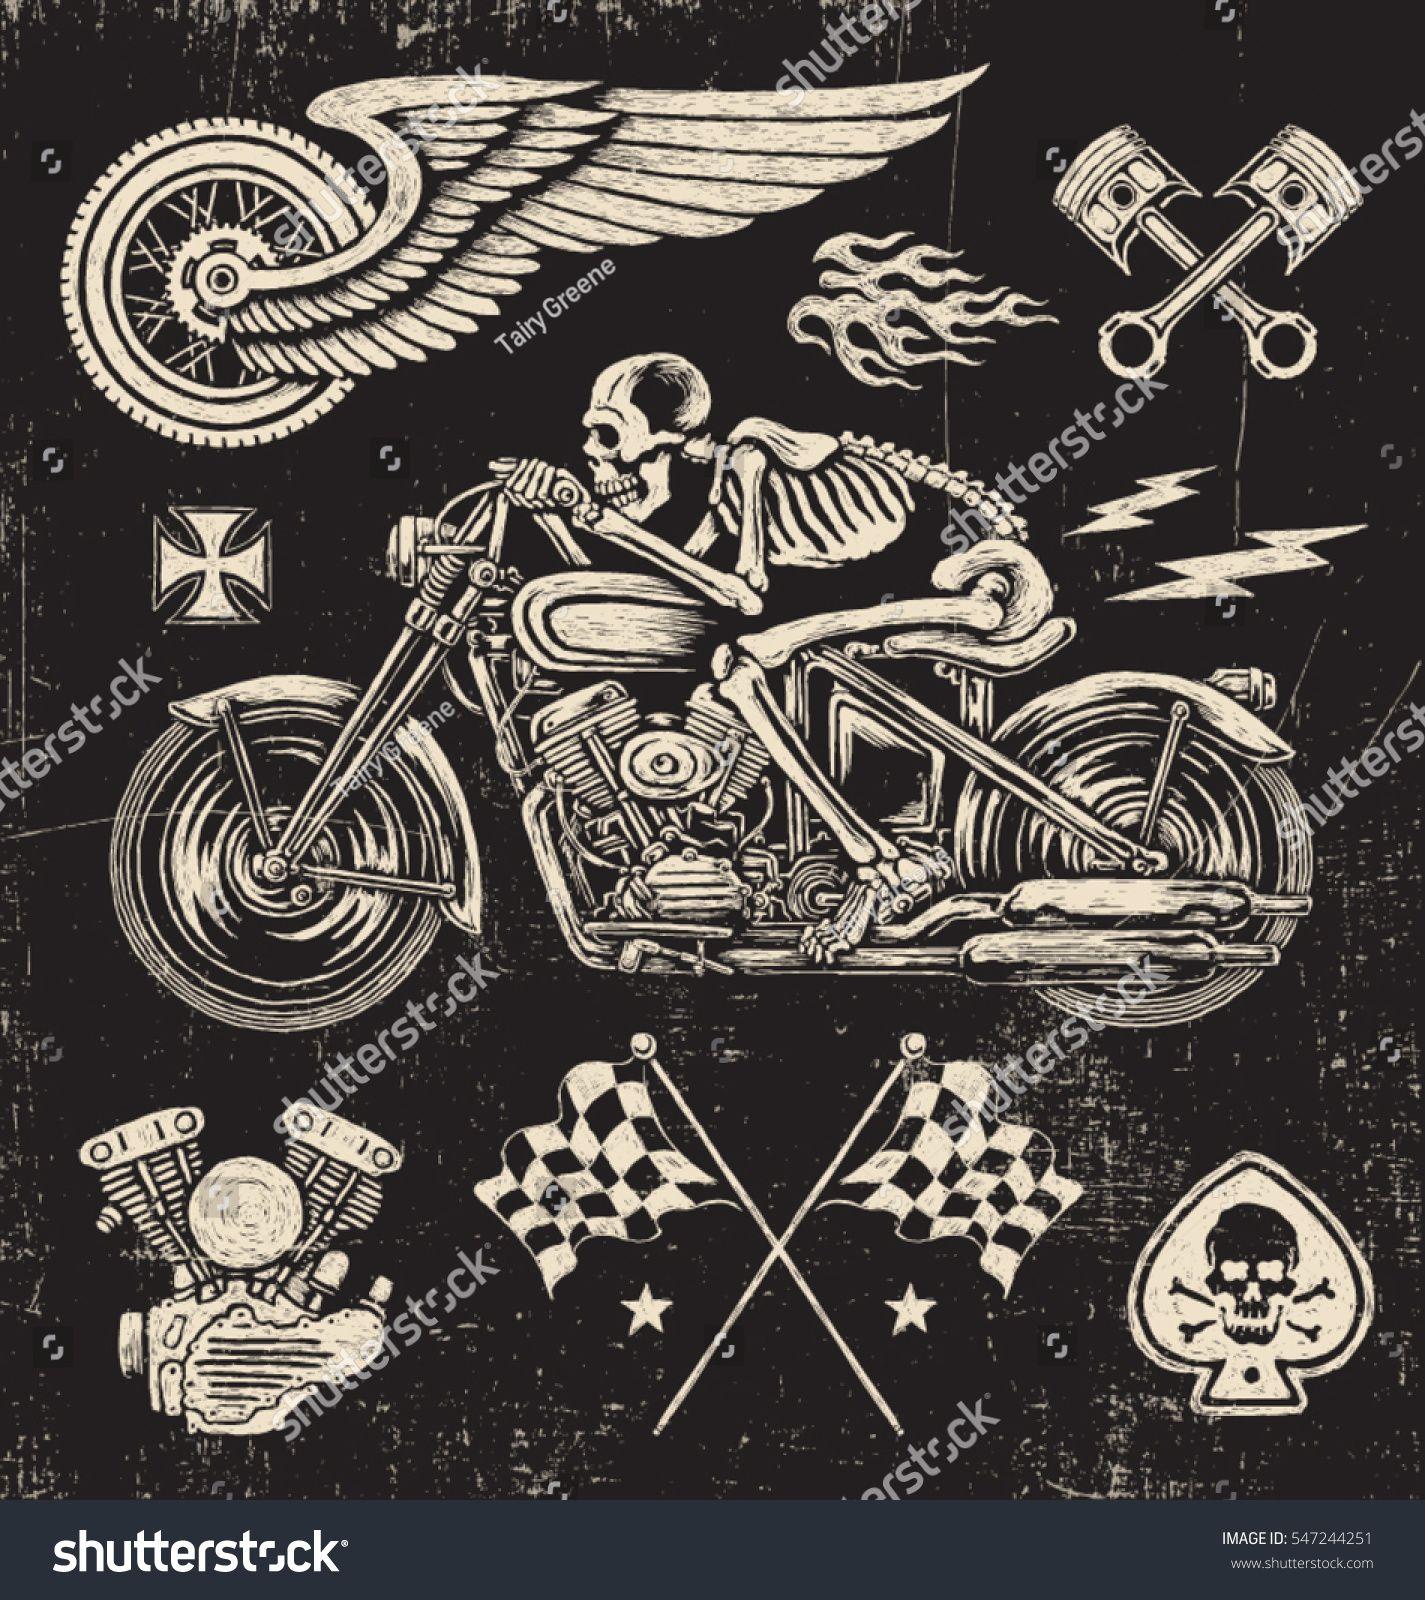 Scratchboard Motorcycle Elements Biker tattoos